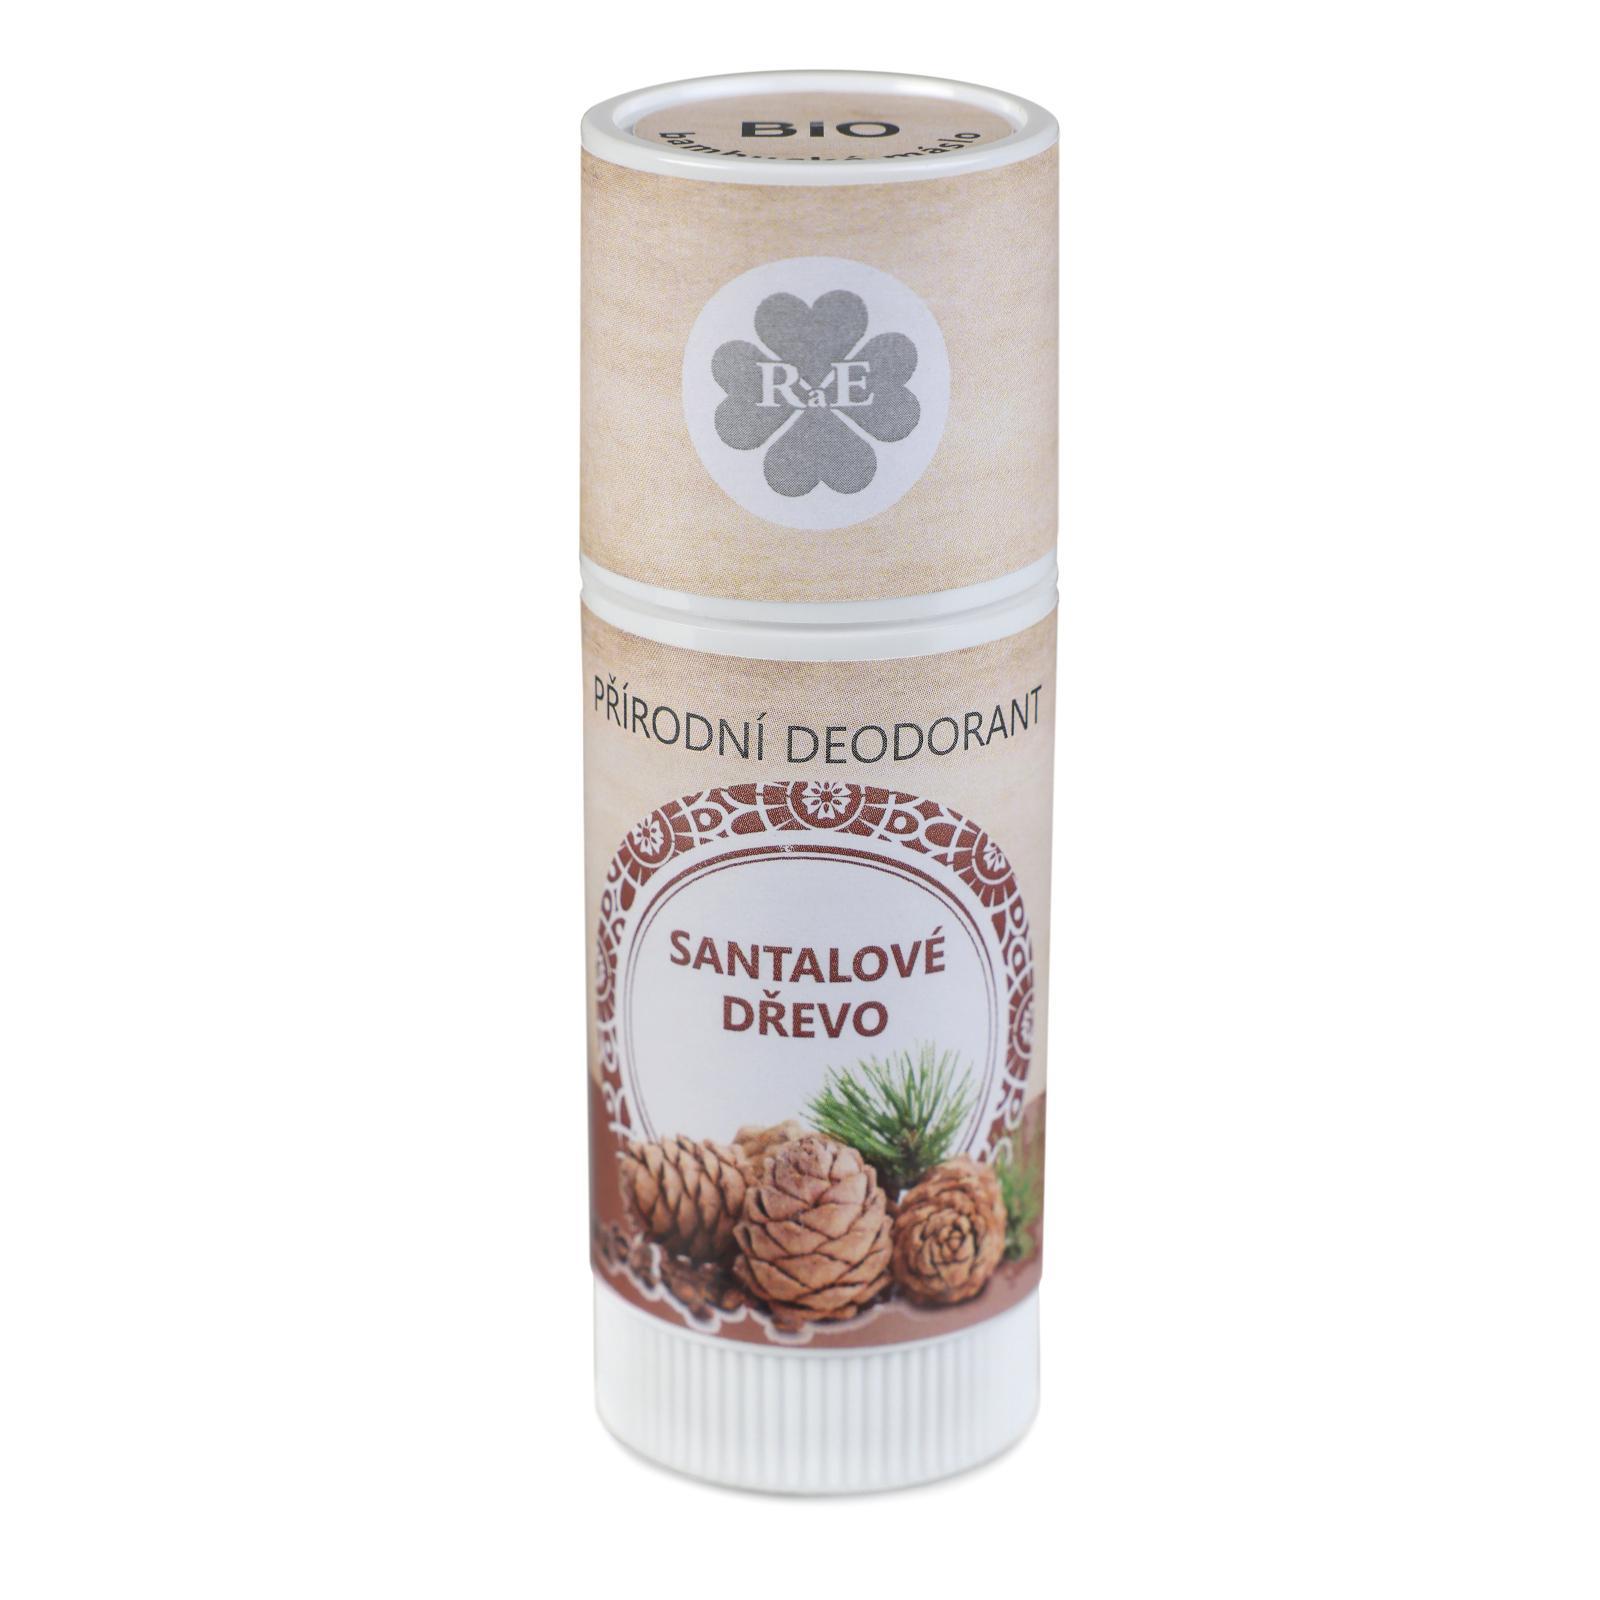 RaE Přírodní deodorant s vůní santalového dřeva 25 ml